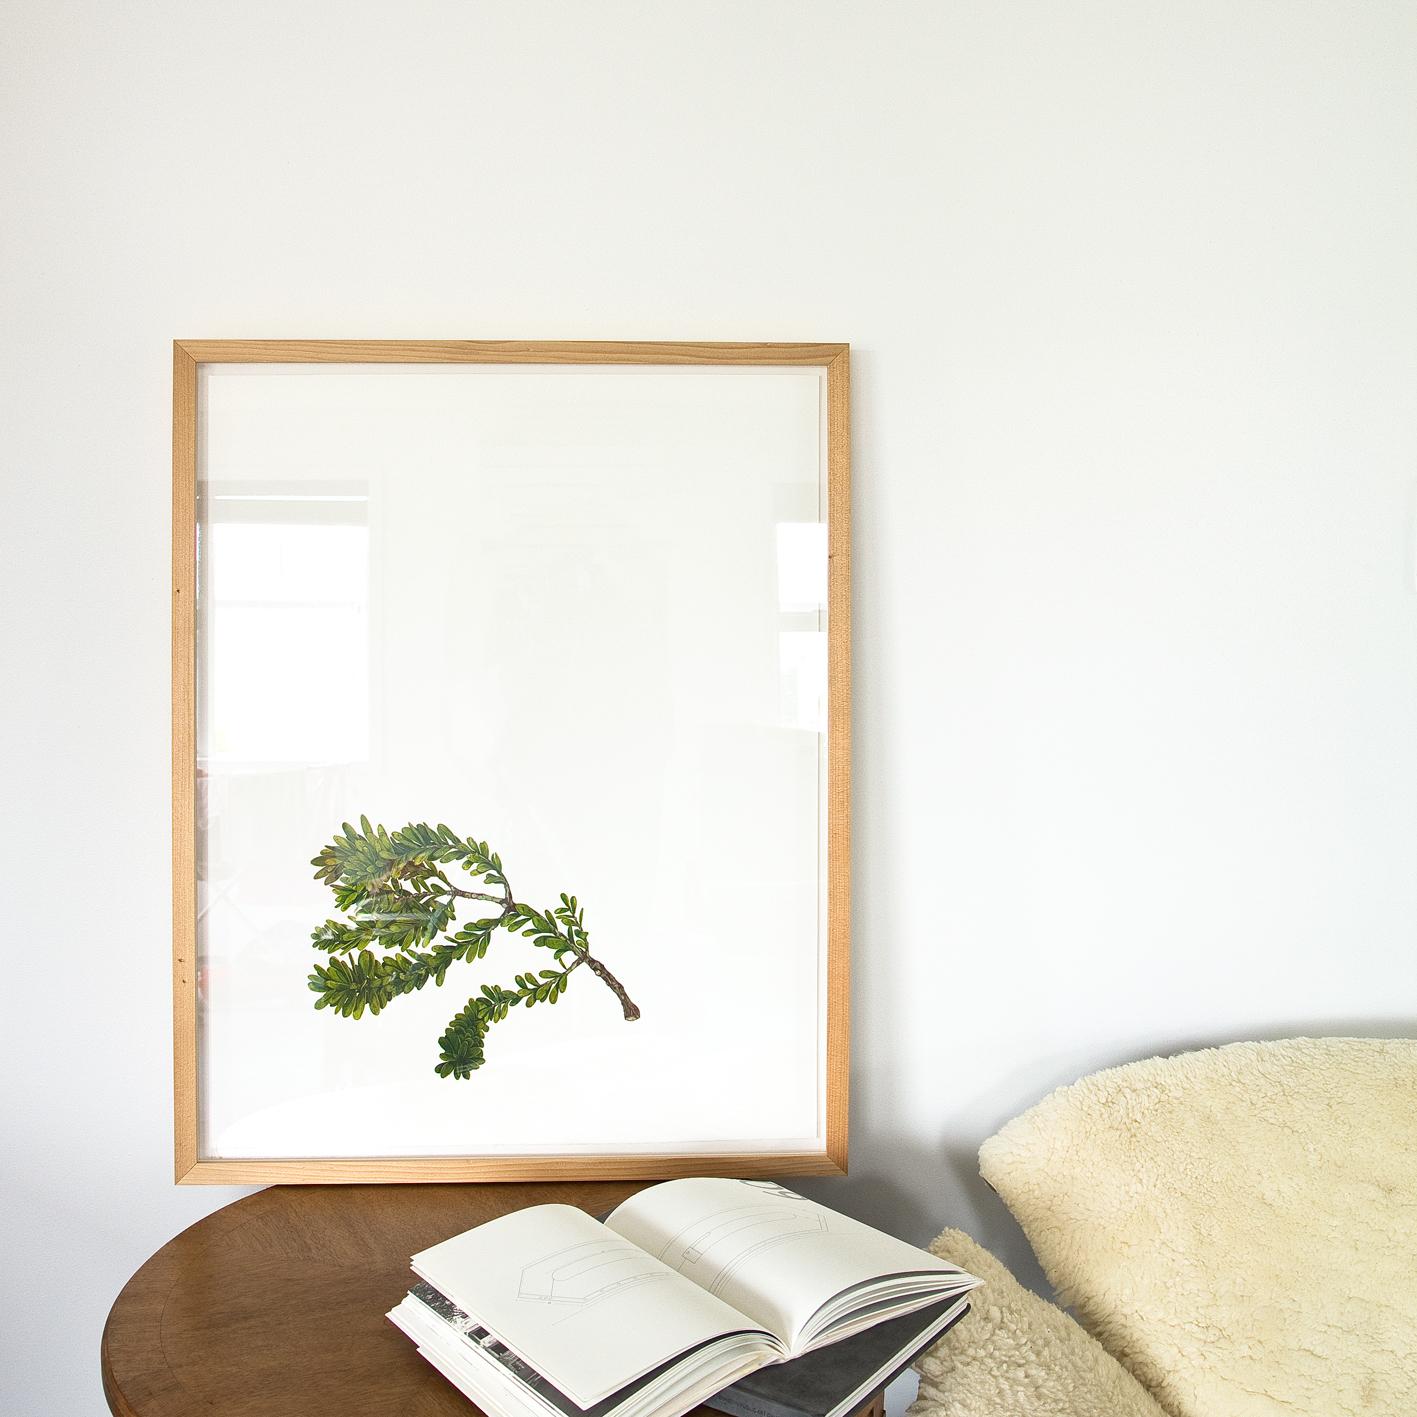 Prints and Display